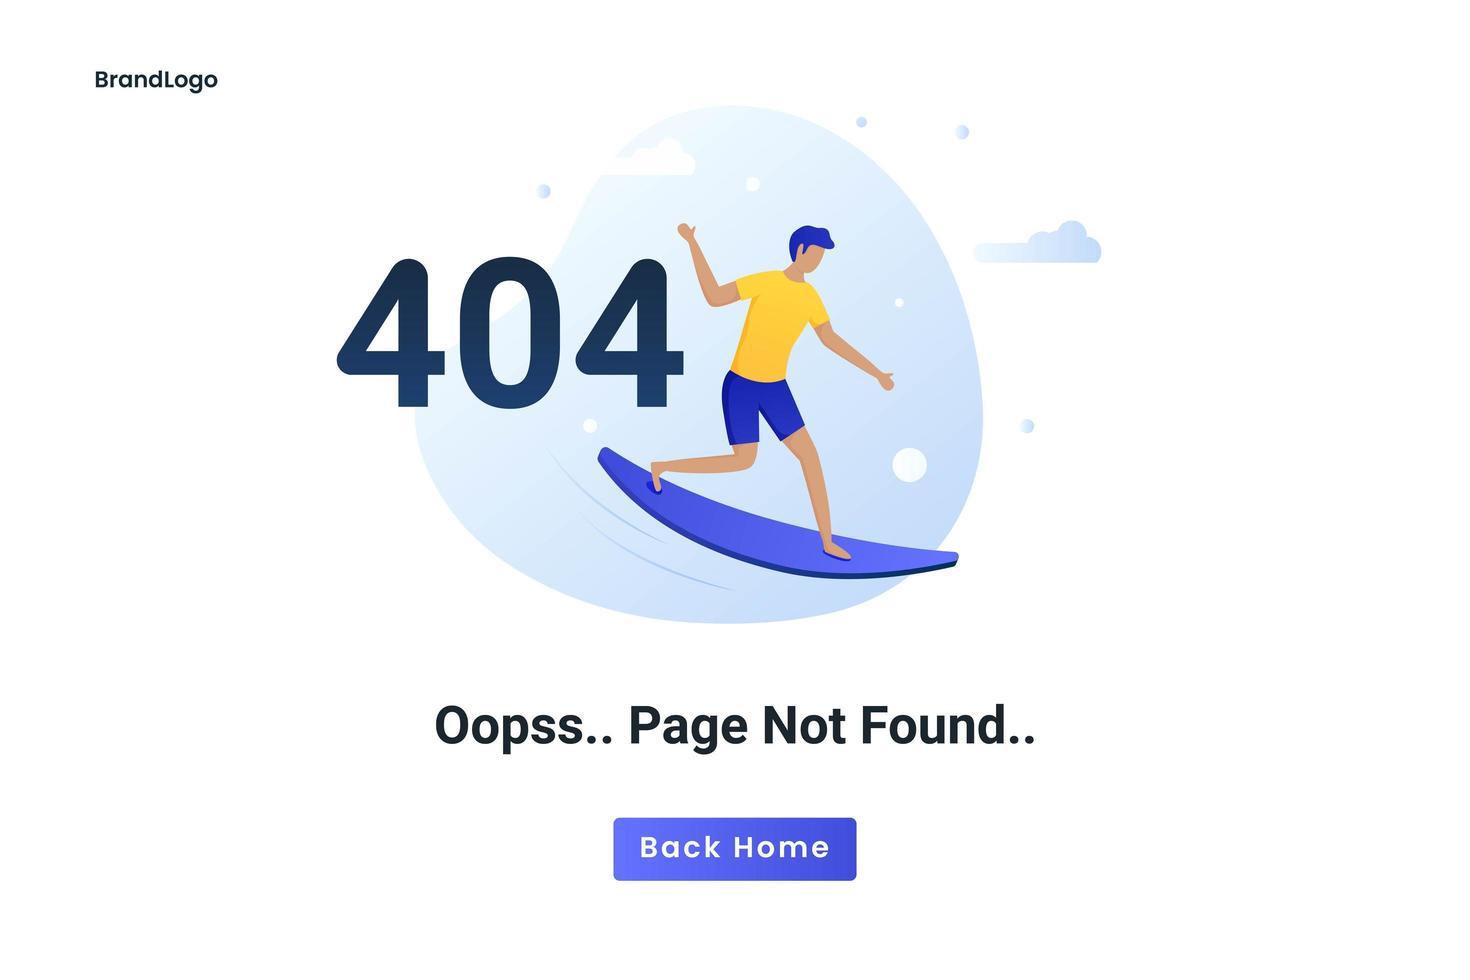 flache Konzept 404 Fehlerseite nicht gefunden vektor